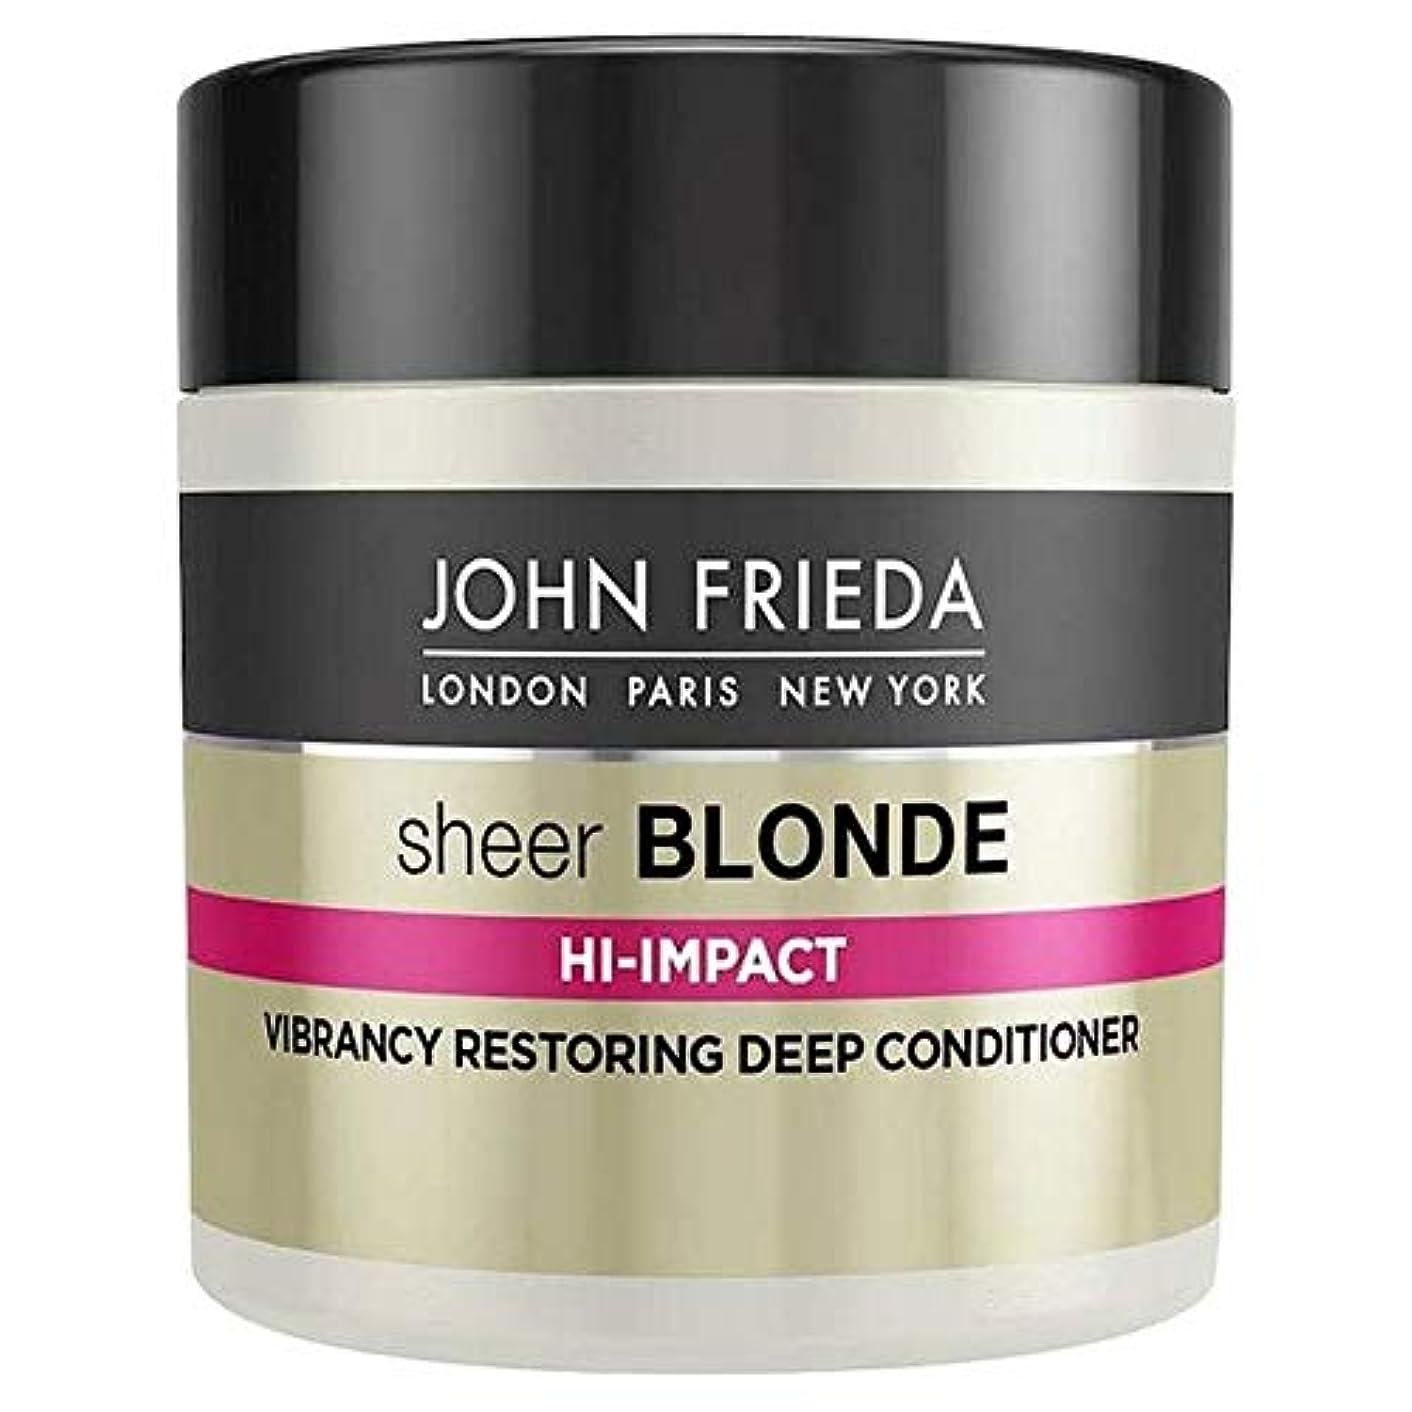 フォームマークされた地下室[John Frieda ] ジョン?フリーダ膨大なブロンドハイインパクト深いコンディショナー150ミリリットル - John Frieda Sheer Blonde Hi Impact Deep Conditioner...